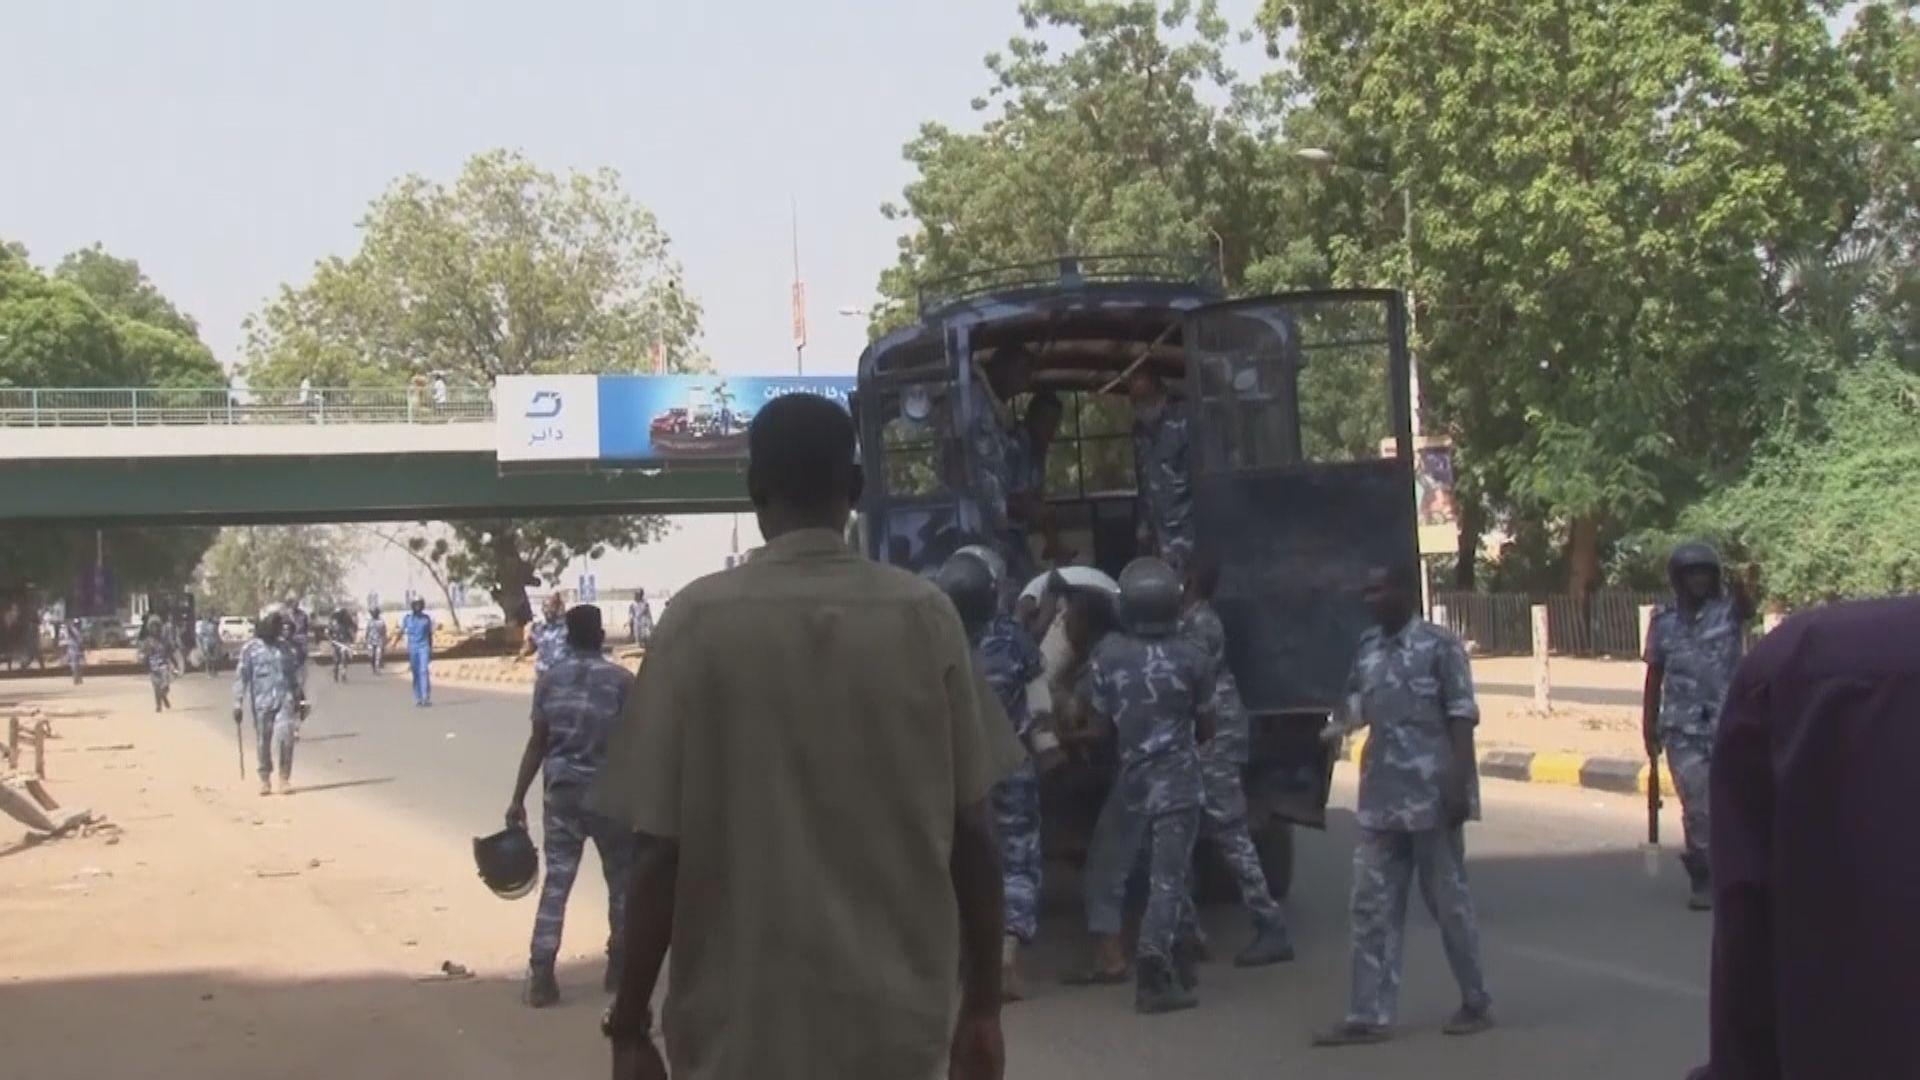 蘇丹軍事政變觸發民眾抗議 據報多人受傷